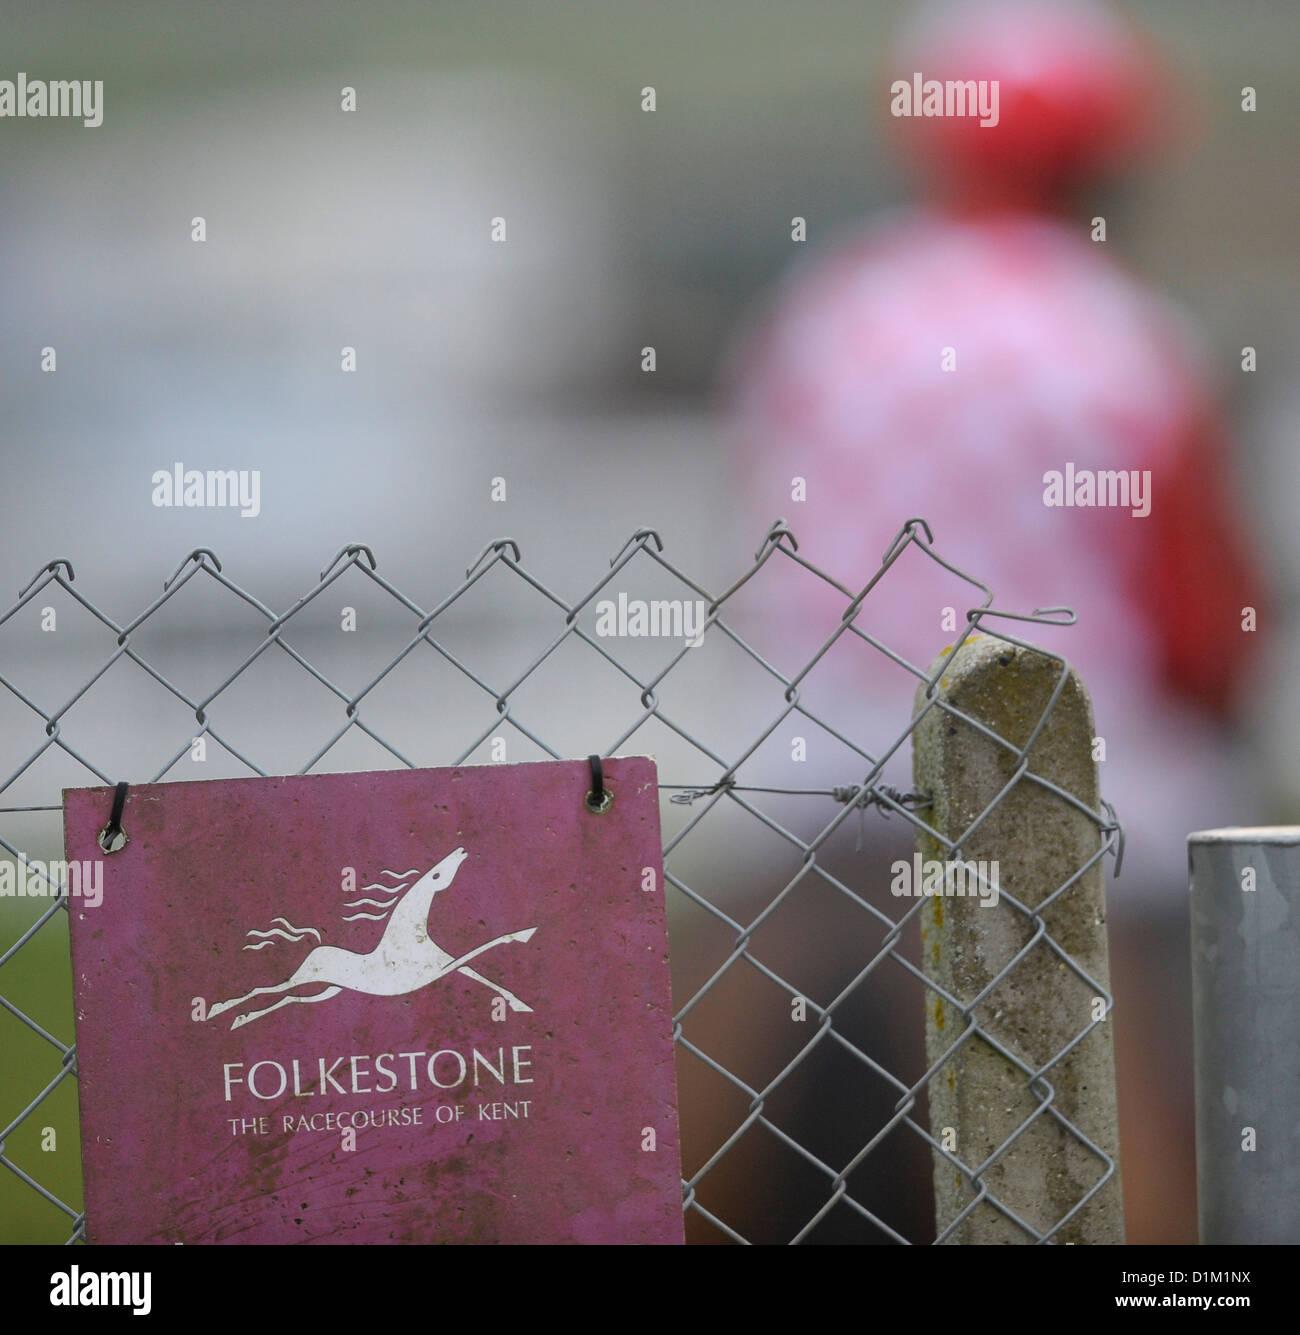 La última reunión en el Hipódromo de Folkestone, Westenhanger, Kent, el 18 de diciembre de 2012. Imagen De Stock